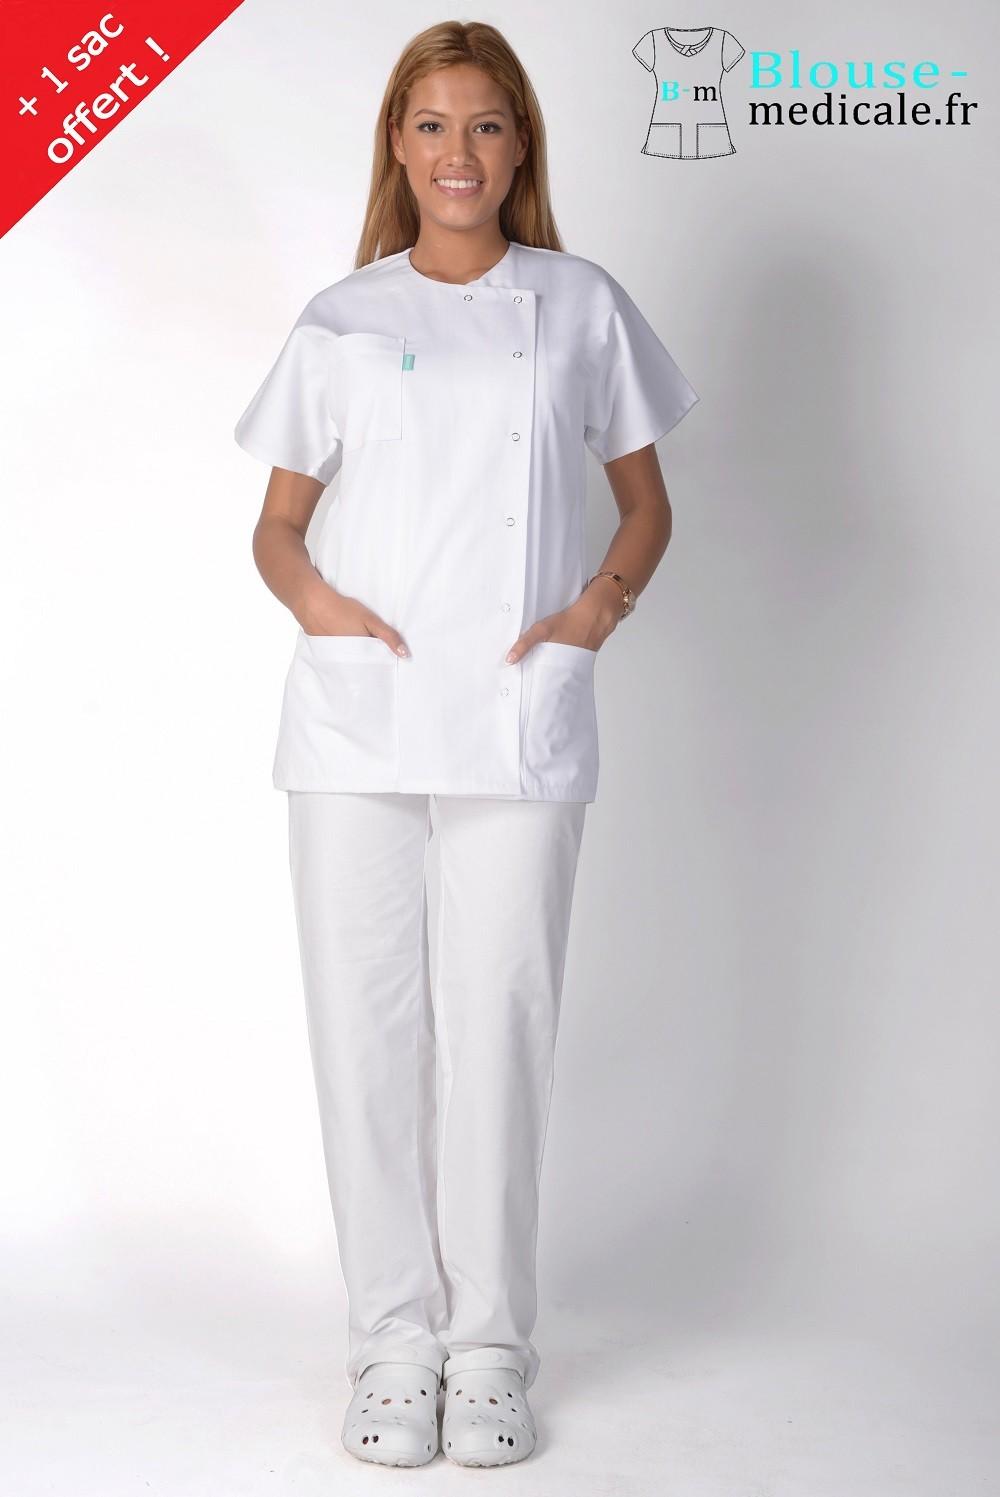 9a9ed3c8618a1 Blouse De Travail Femme Pas Cher. Dolce U Gabbana Veste Gris Femme Costumes  Et Vestesdolce